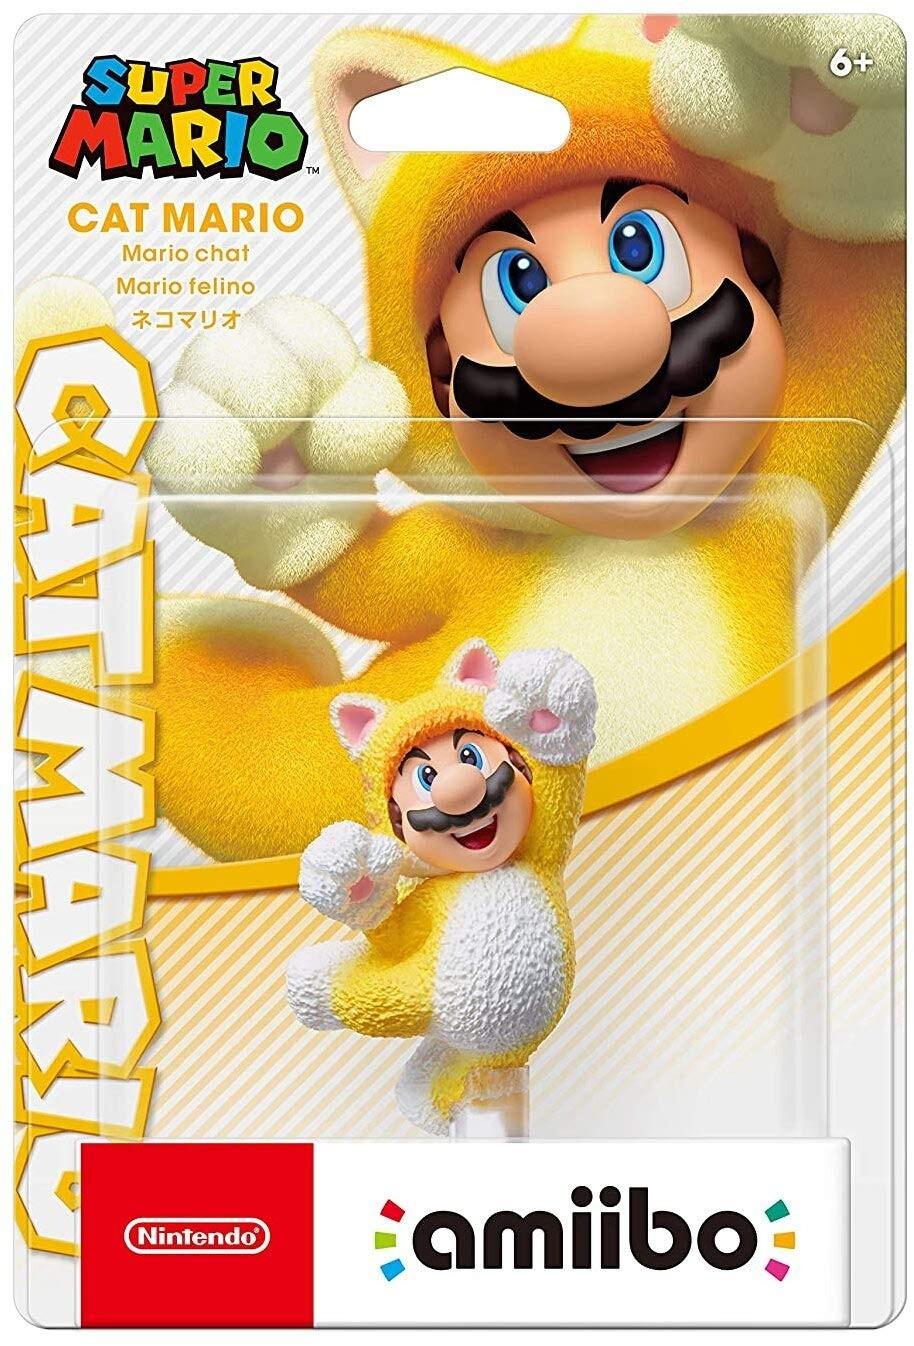 Super Mario Series: Інтерактивна фігурка amiibo - Cat Mario